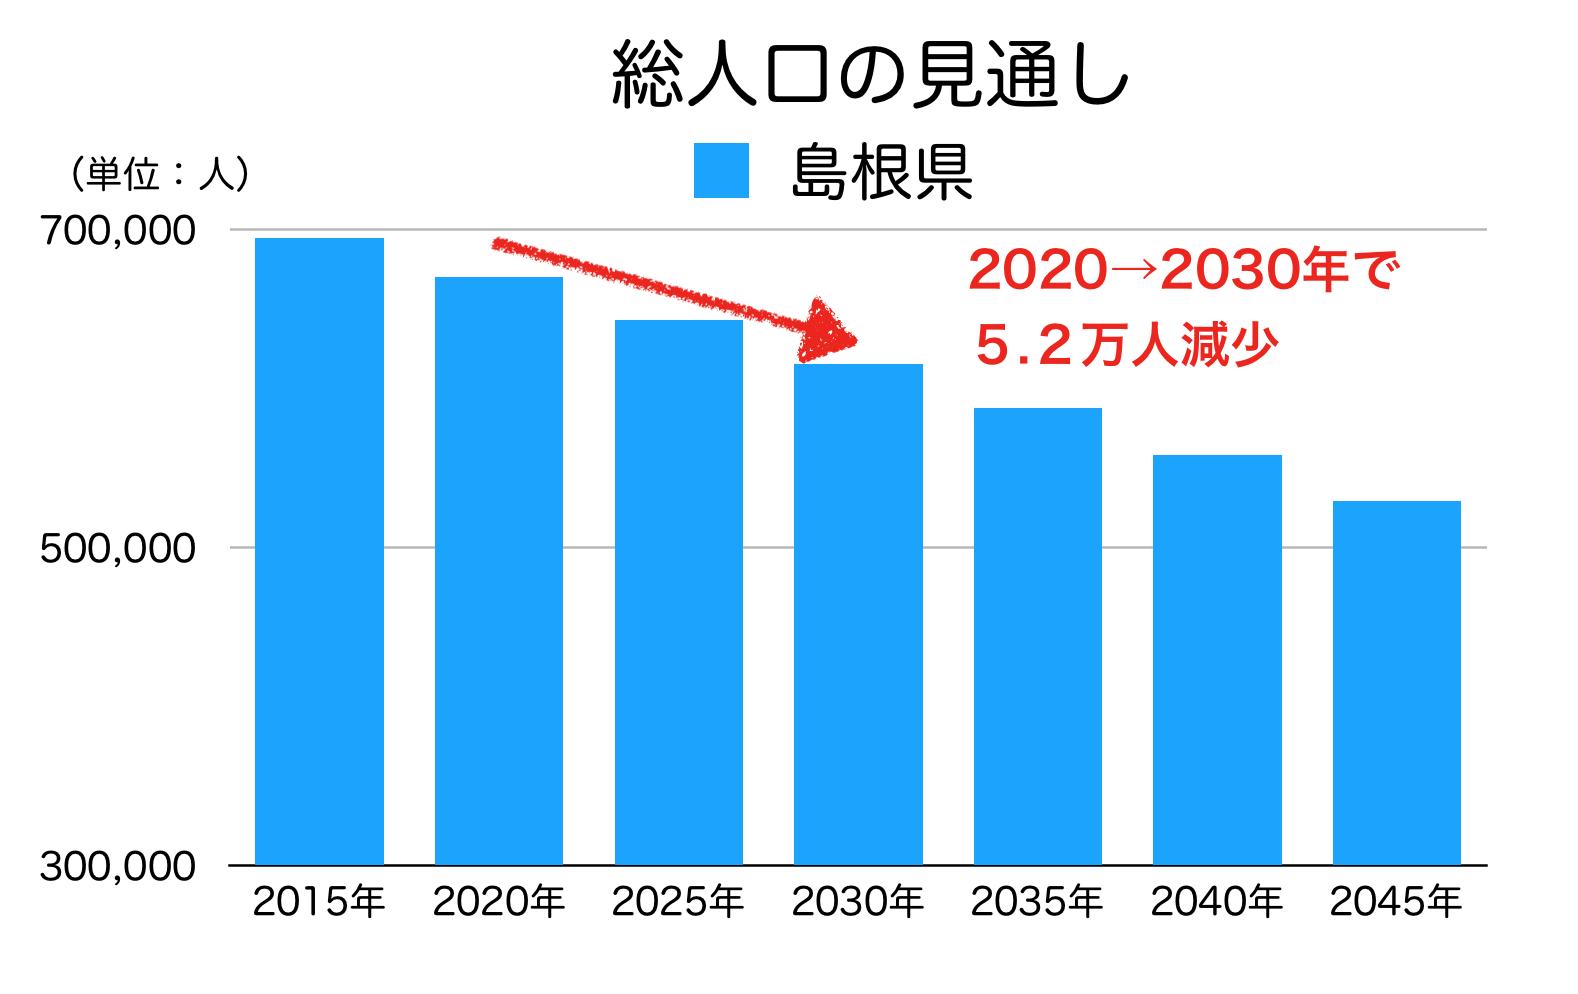 島根県の総人口の見通し